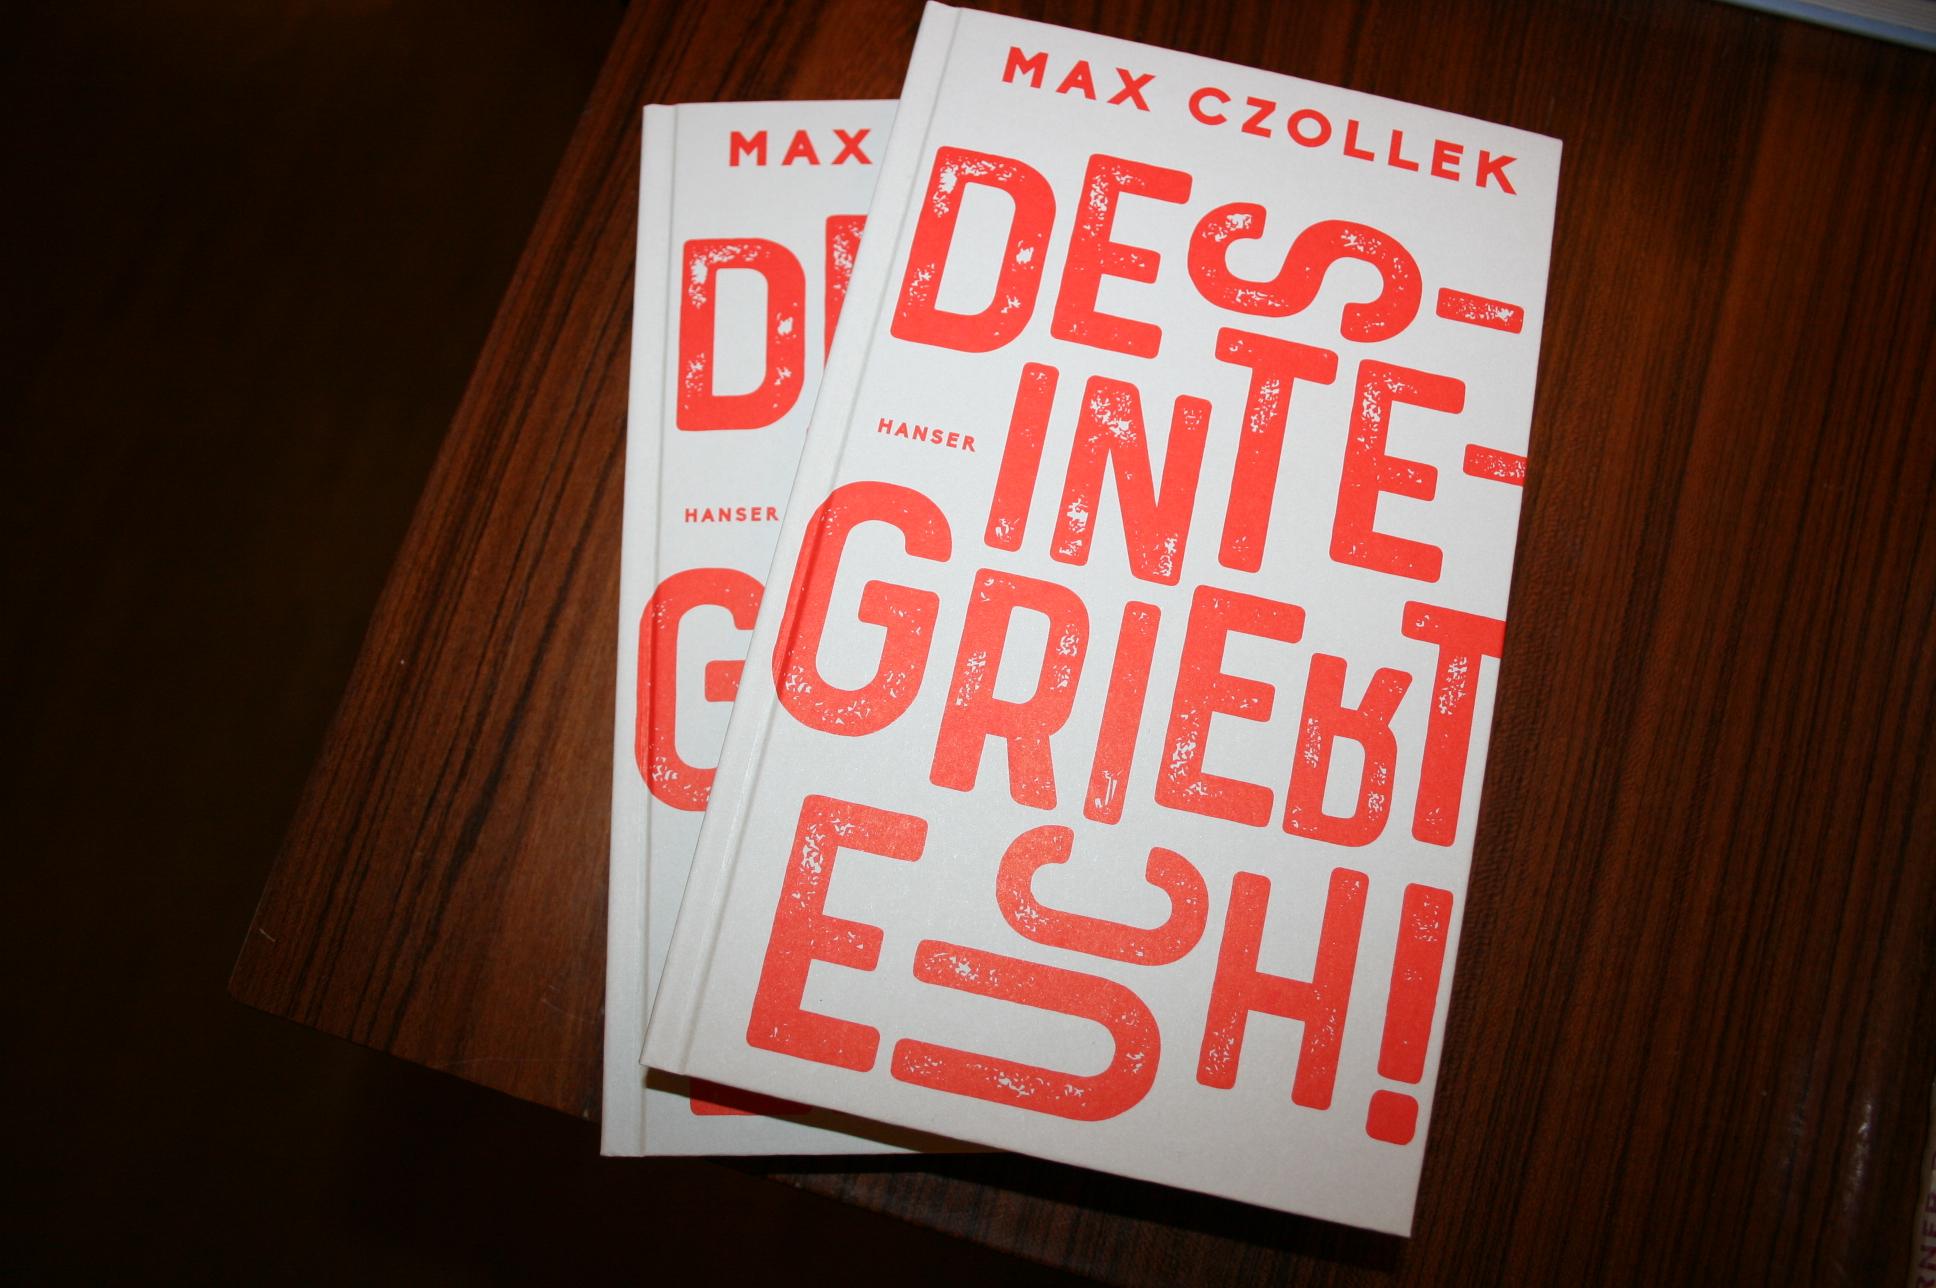 Max Czollek, Desintegriert euch!